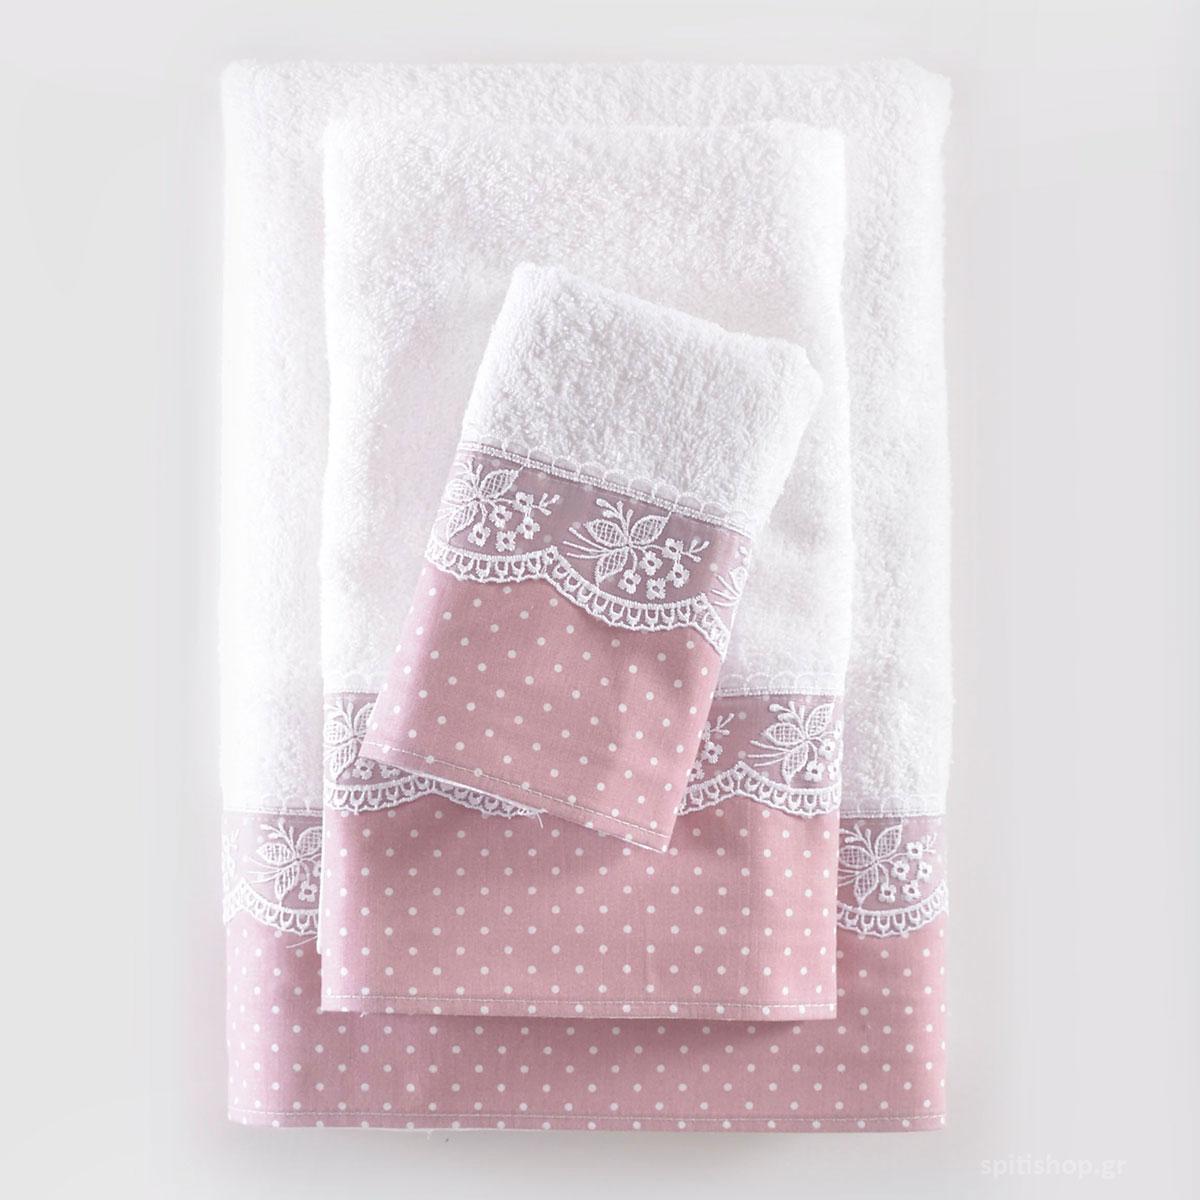 Πετσέτες Μπάνιου (Σετ 3τμχ) Rythmos Dotty Pink ΣΥΣΚΕΥΑΣΙΑ ΚΟΥΤΙ ΣΥΣΚΕΥΑΣΙΑ ΚΟΥΤΙ